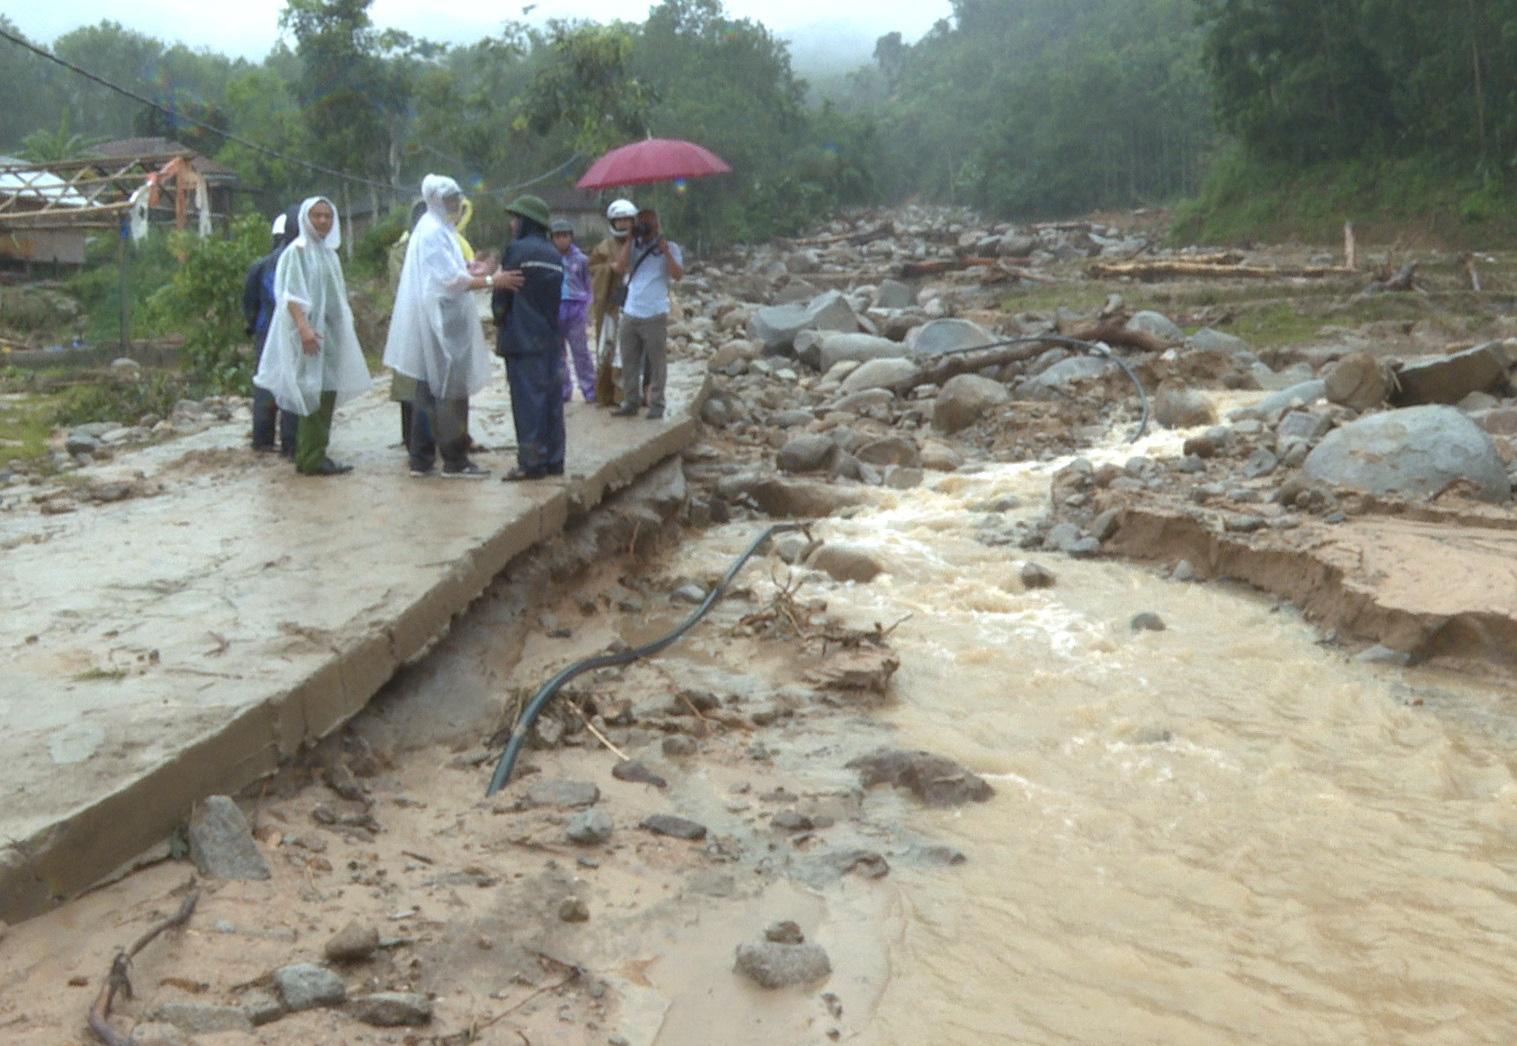 Quảng Ngãi: Lũ quét kinh hoàng cuốn trôi 6 nhà dân, khiến một ngôi làng có nguy cơ bị xóa sổ - Ảnh 1.